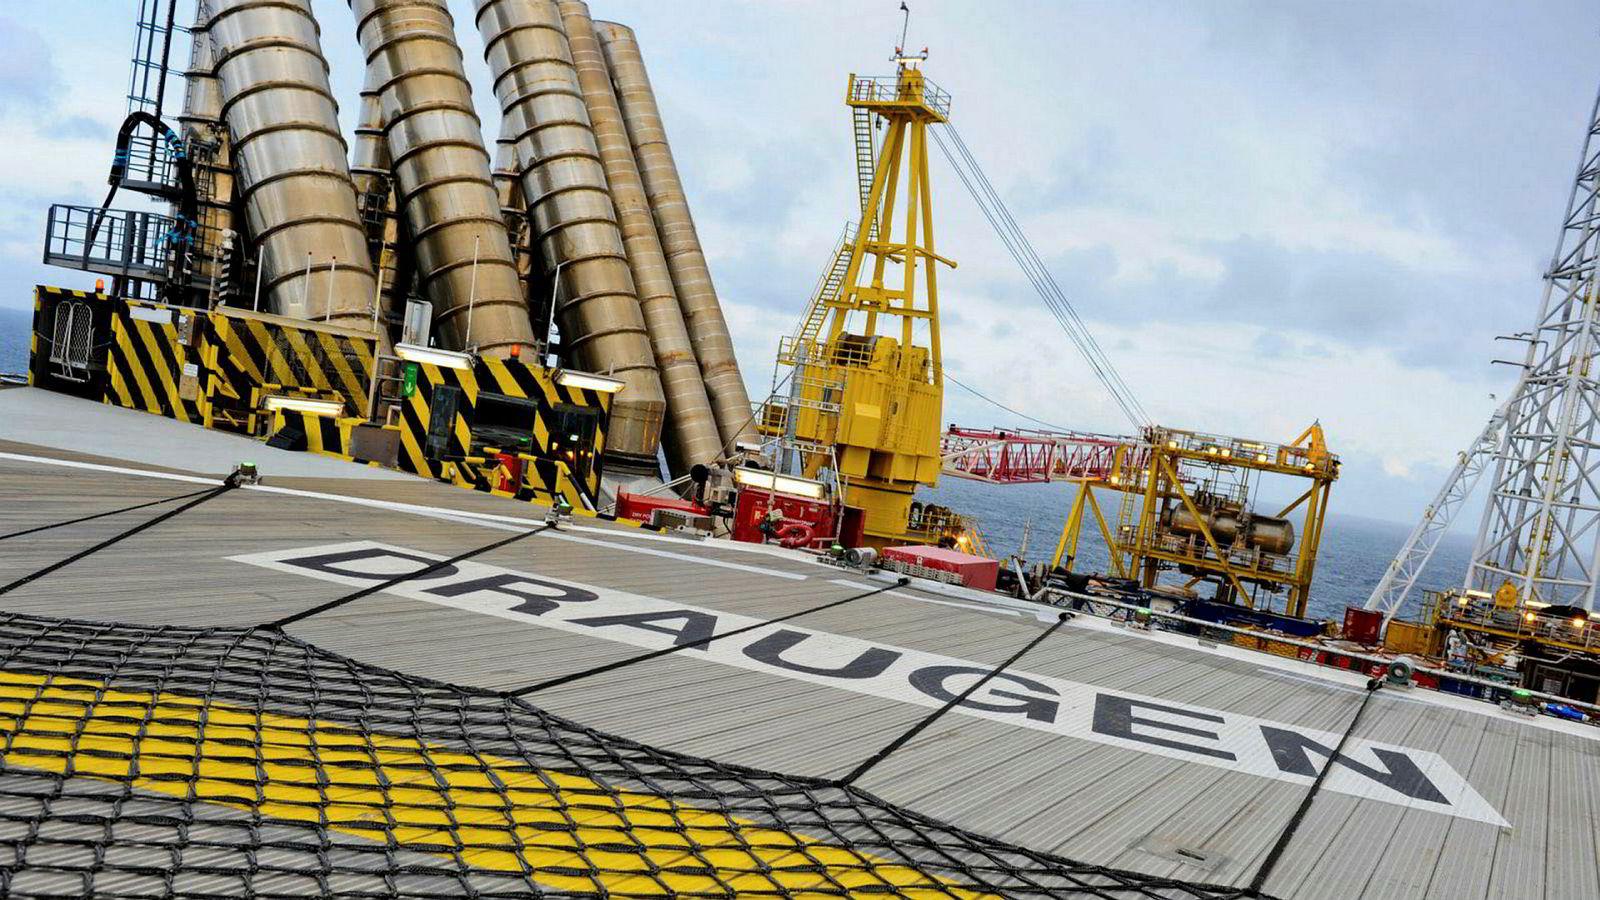 Draugen var det første oljefeltet i drift nord for 62. breddegrad. Opereres av Shell.